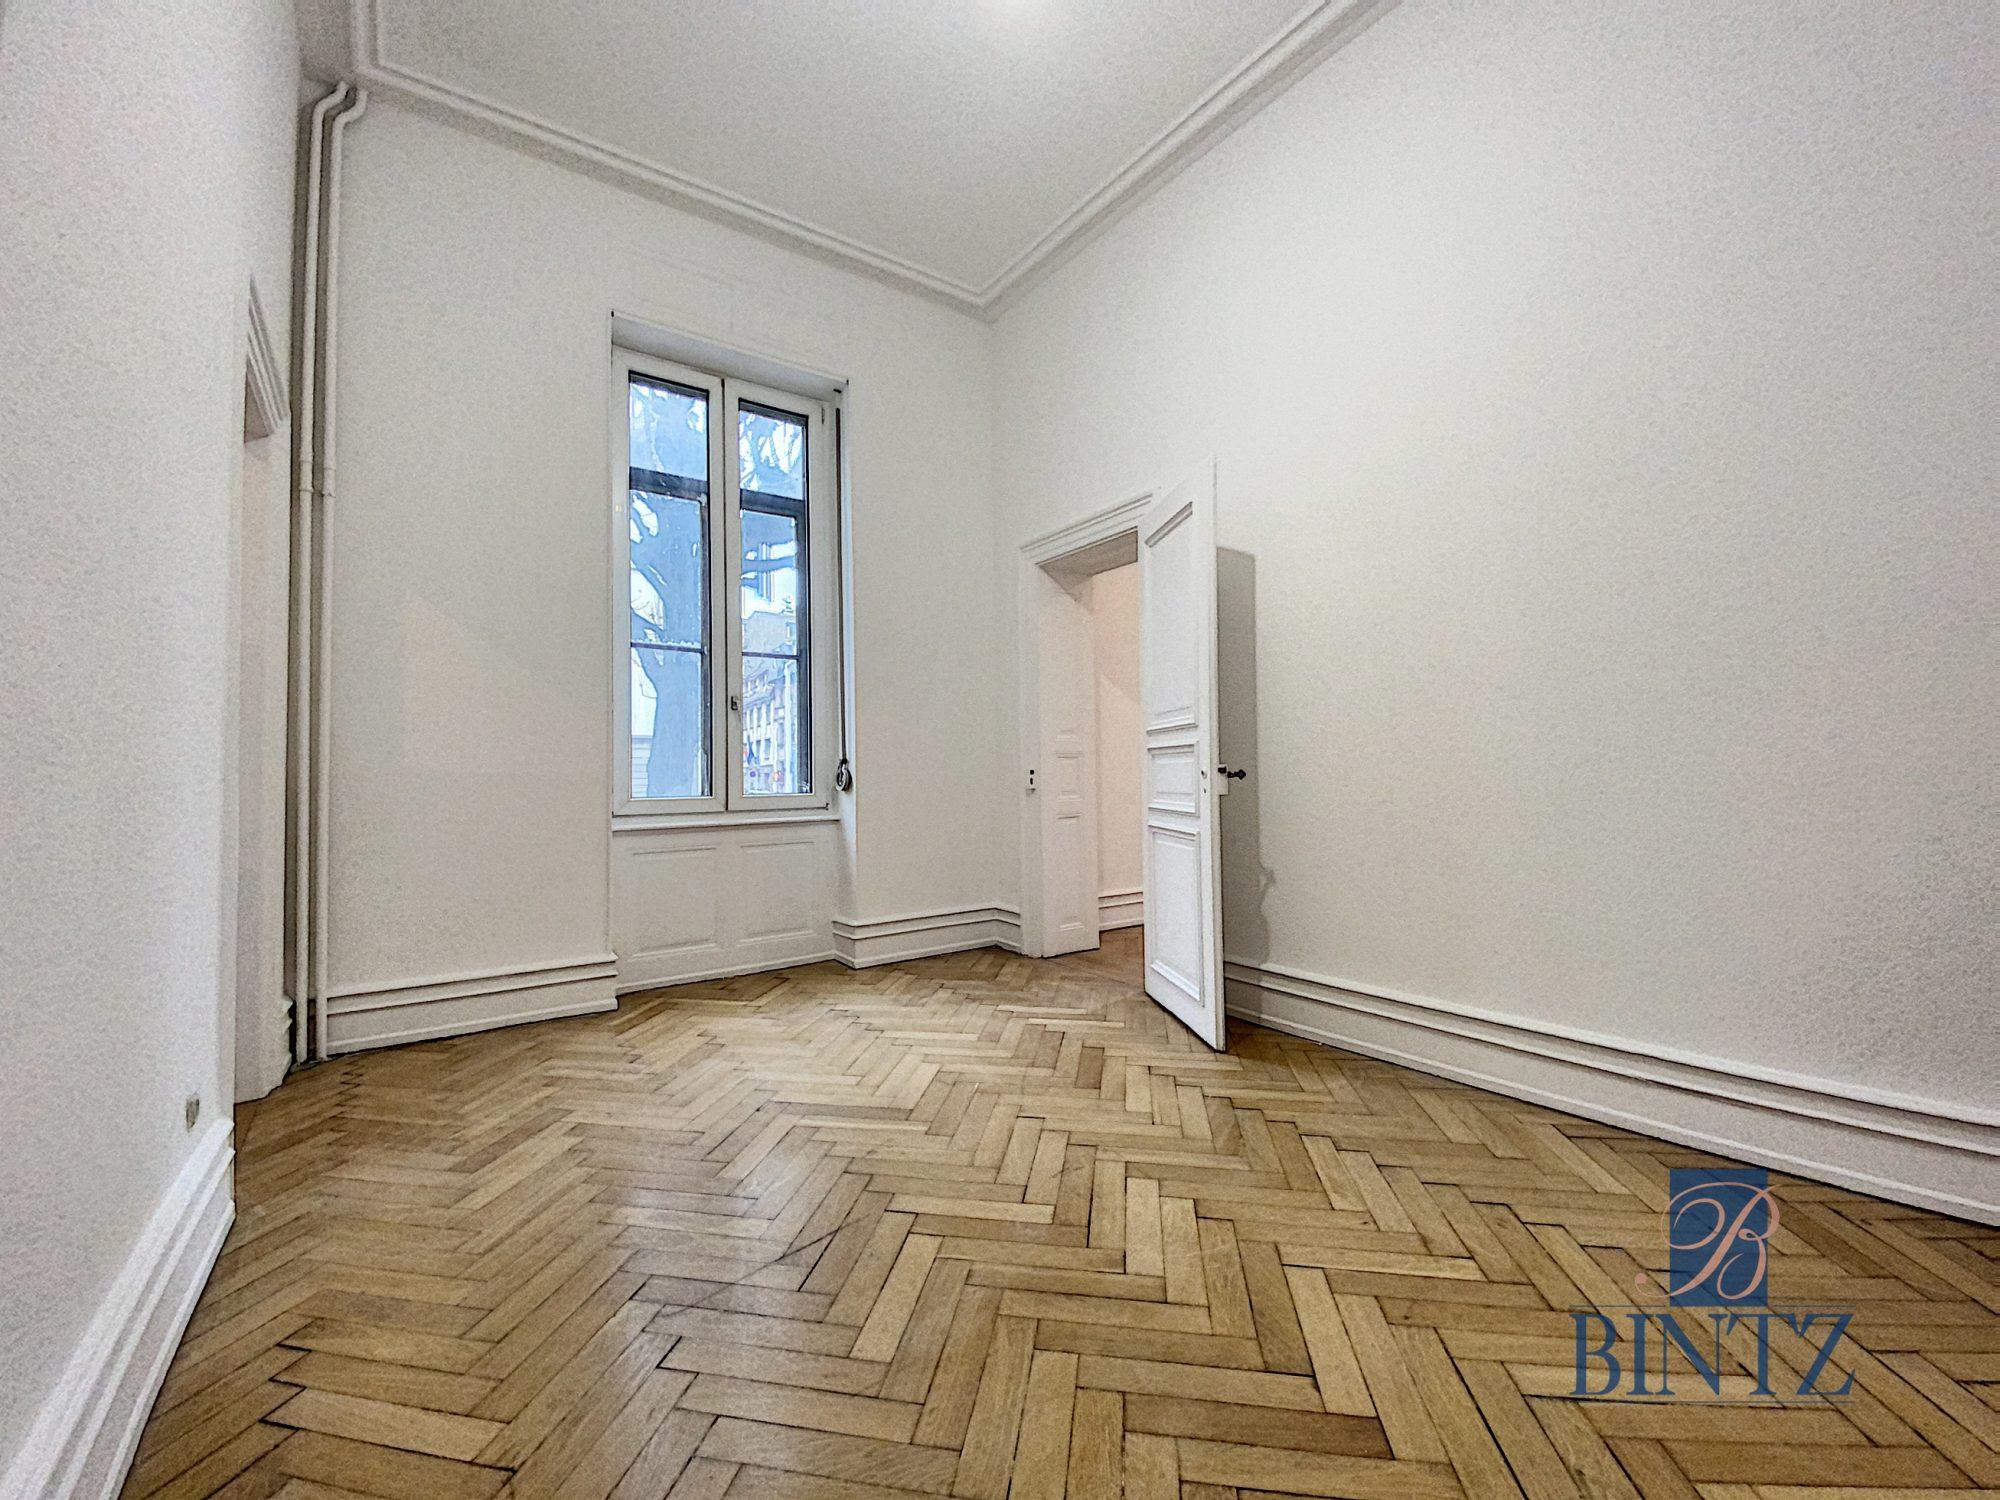 5 pièces rue Wimpheling - Devenez locataire en toute sérénité - Bintz Immobilier - 20